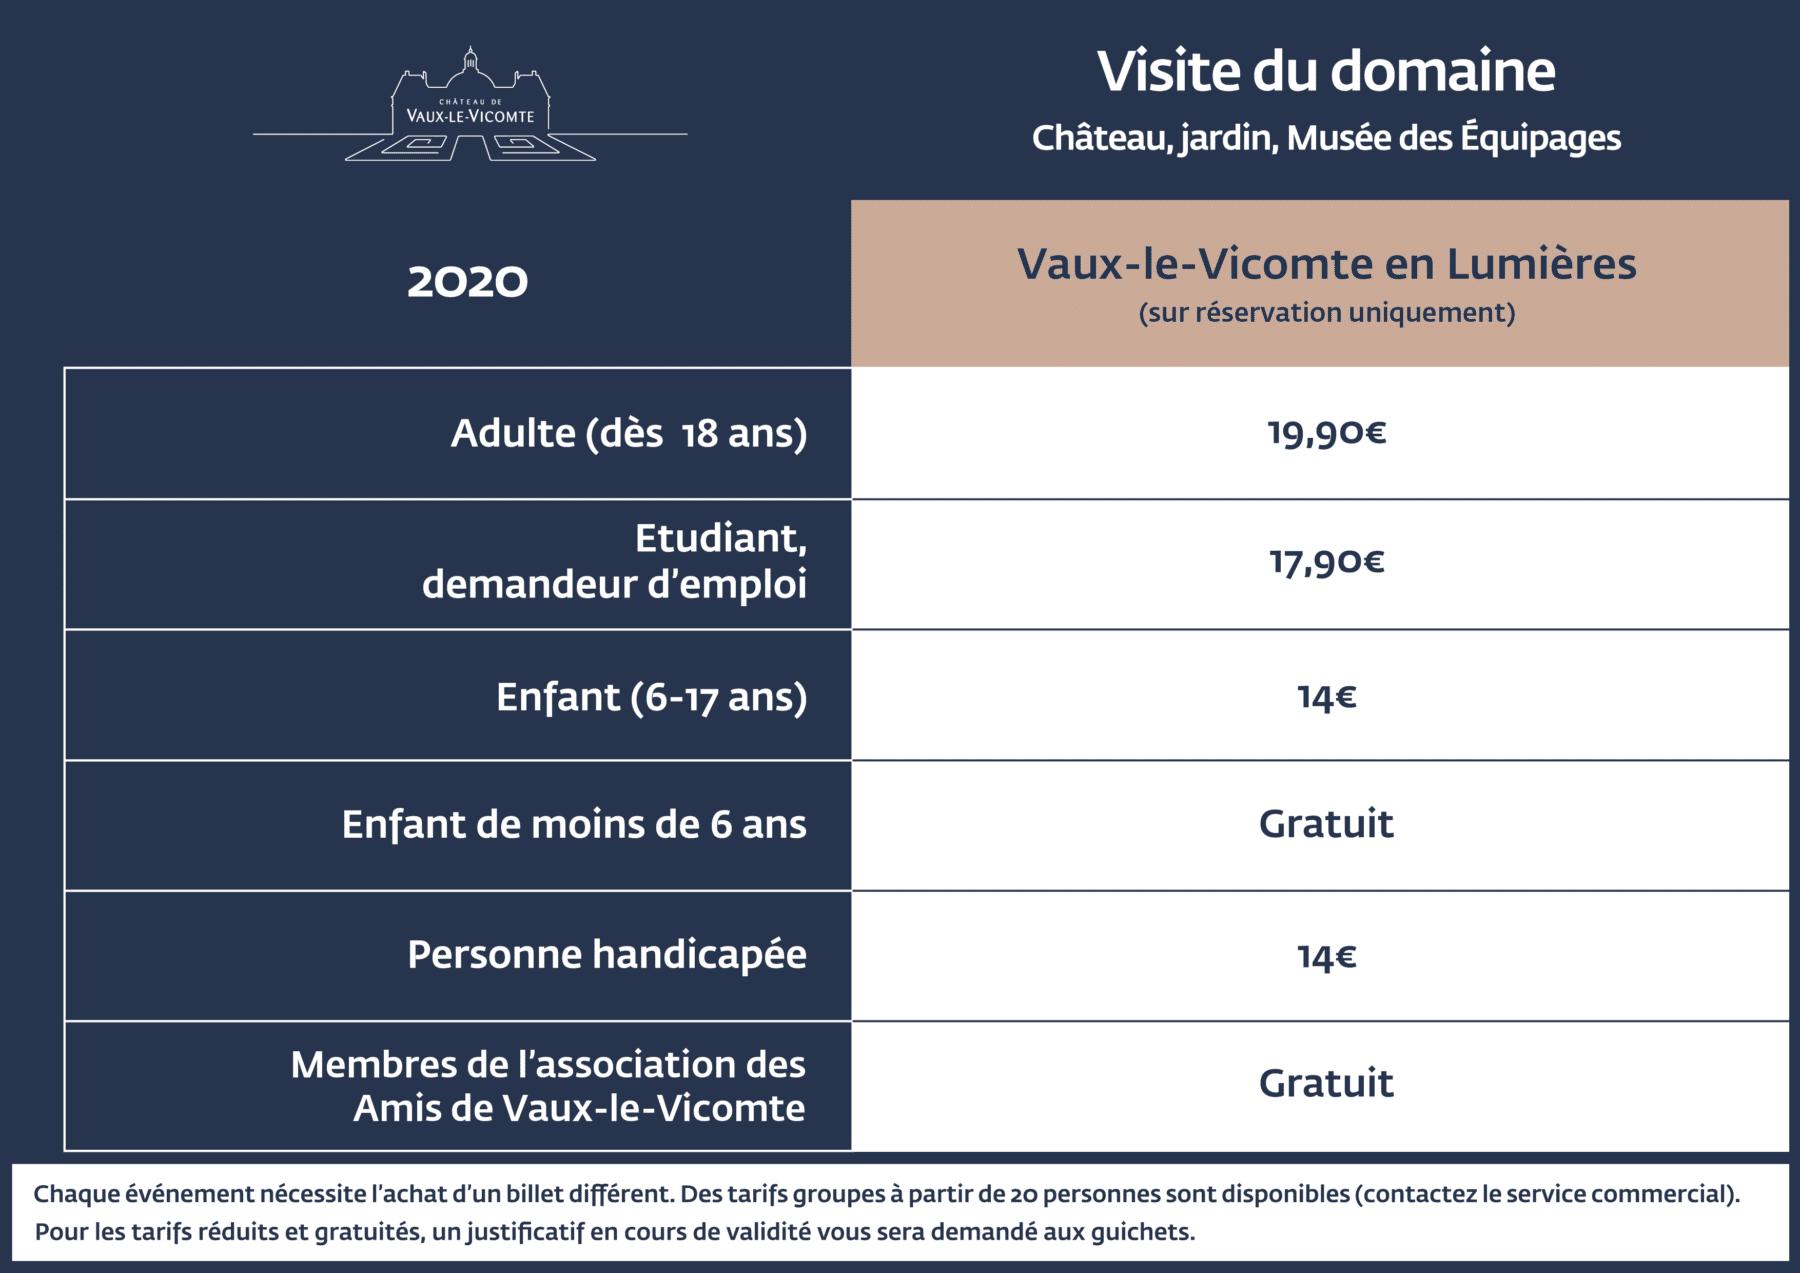 Tarifs Vaux-le-Vicomte en Lumières 2020